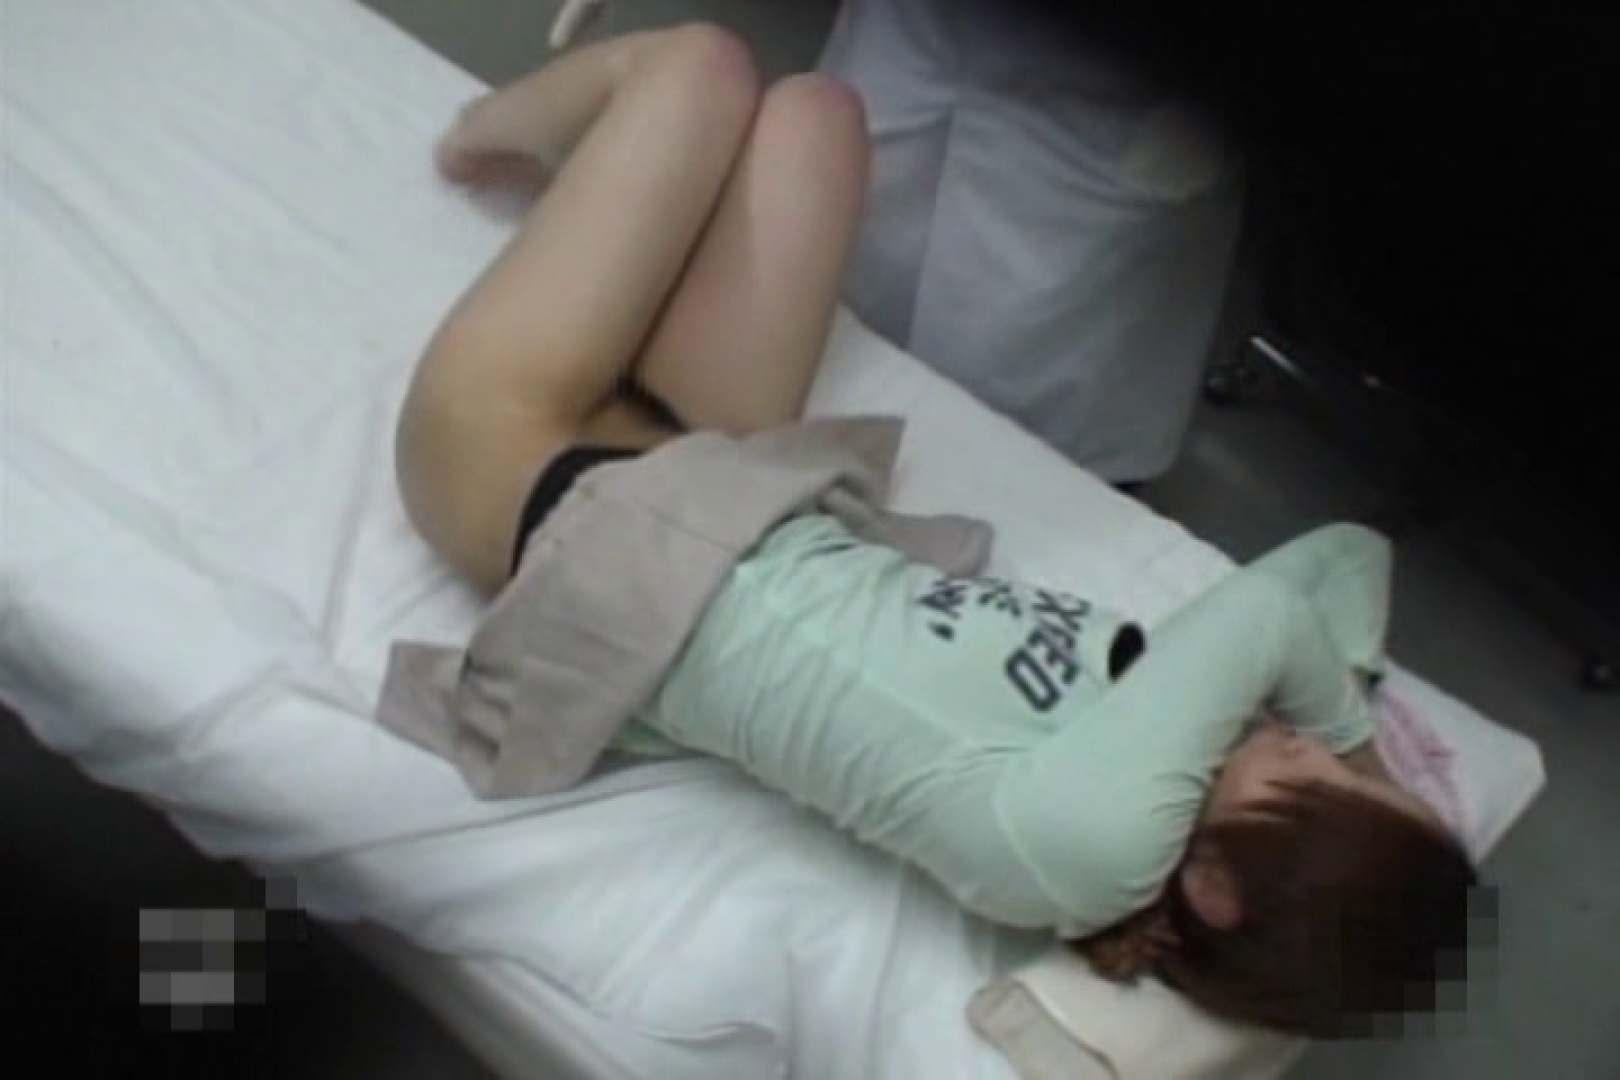 逆噴射病院 肛門科Vol.7 OLセックス 隠し撮りセックス画像 65画像 14